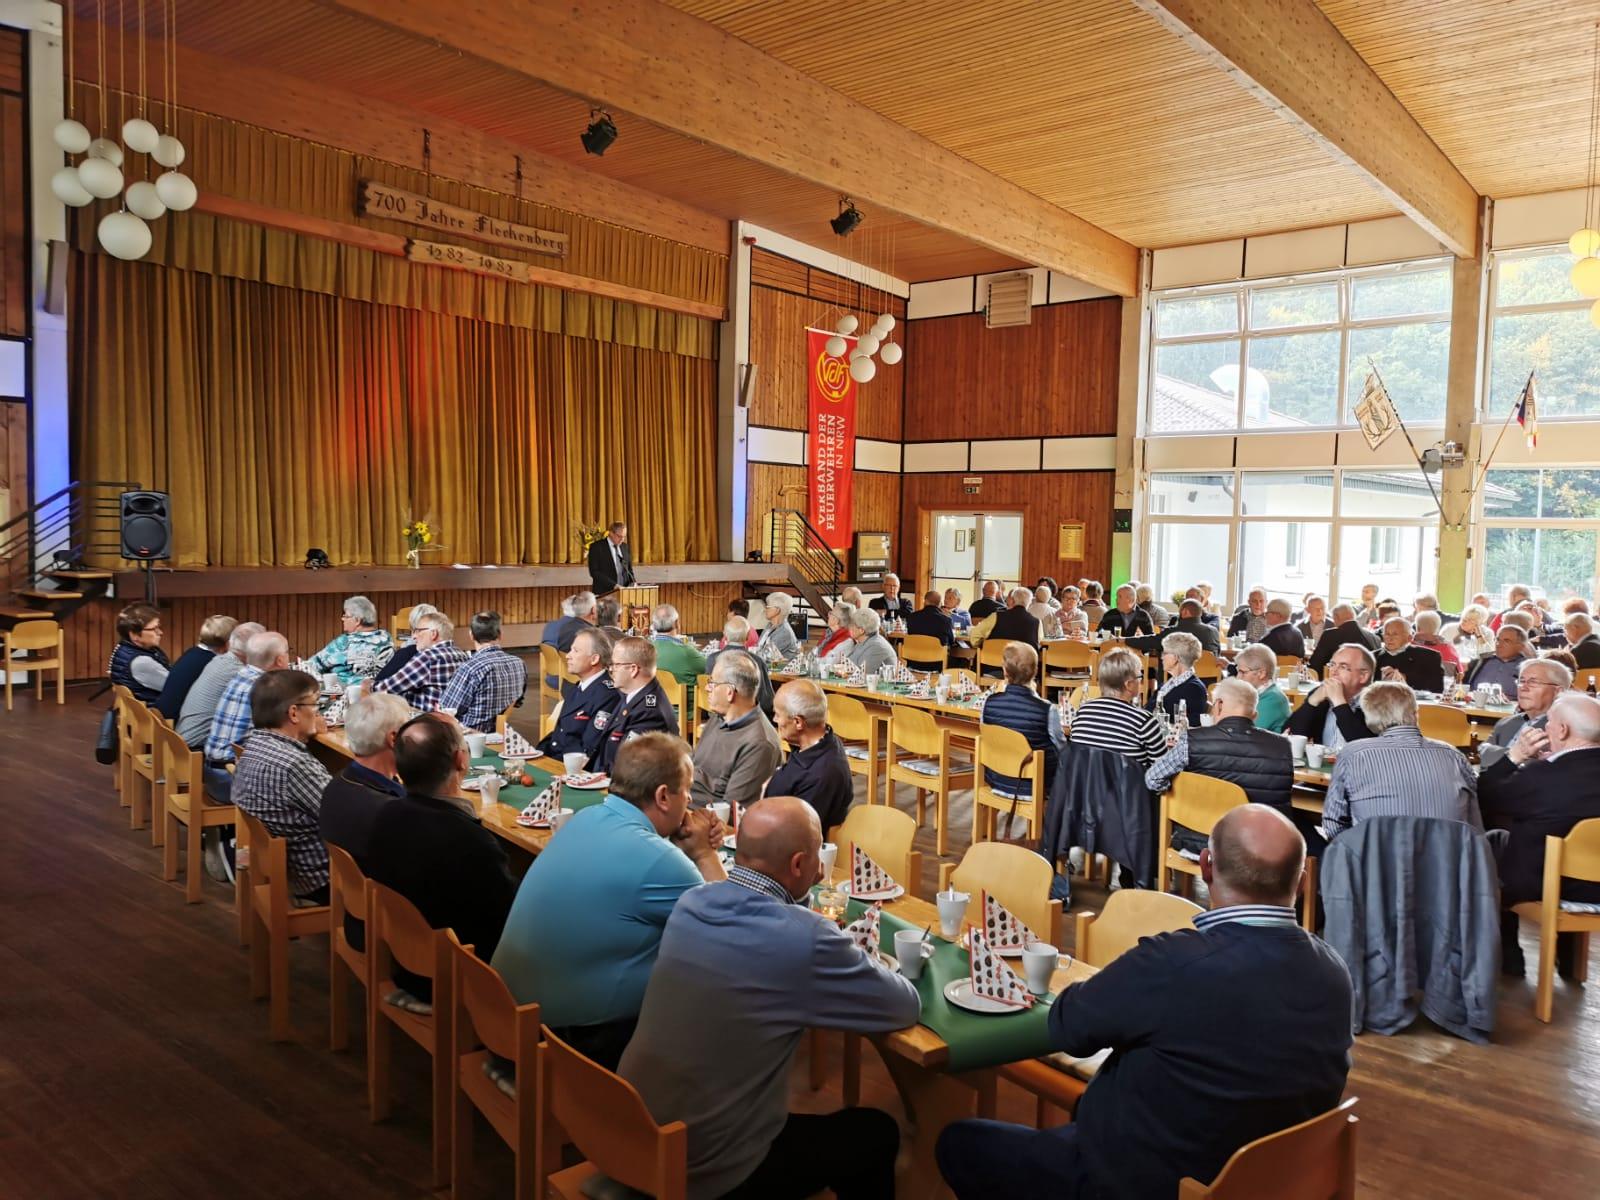 Seniorentag der Feuerwehr 2019 in Fleckenberg